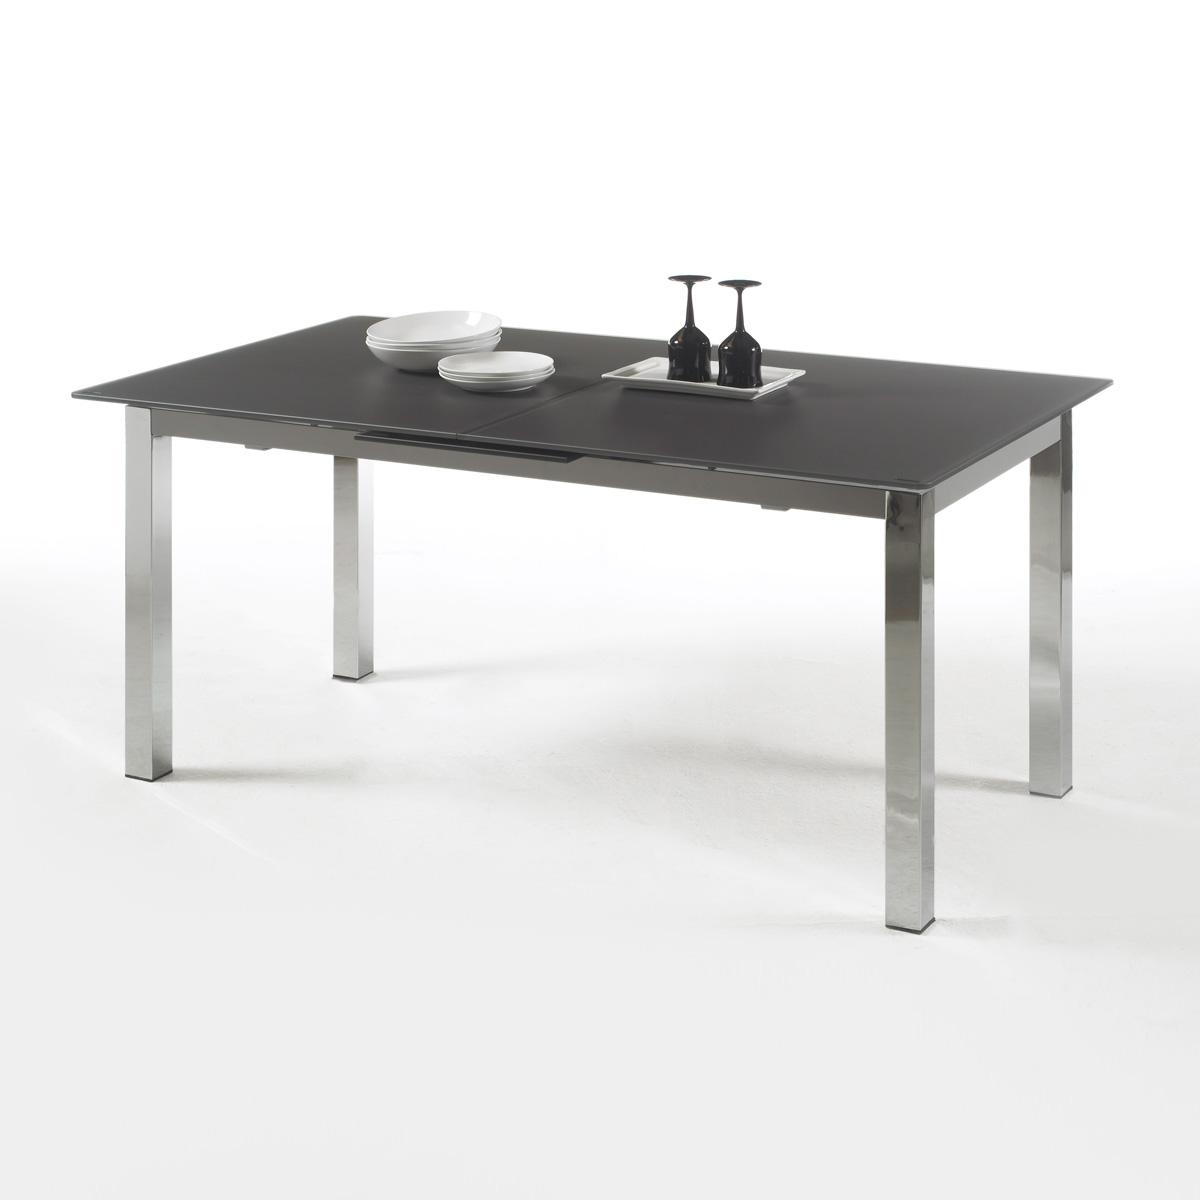 esstisch glas rund ausziehbar cool tisch rund ausziehbar glas rund glas glas ausziehbar morean. Black Bedroom Furniture Sets. Home Design Ideas